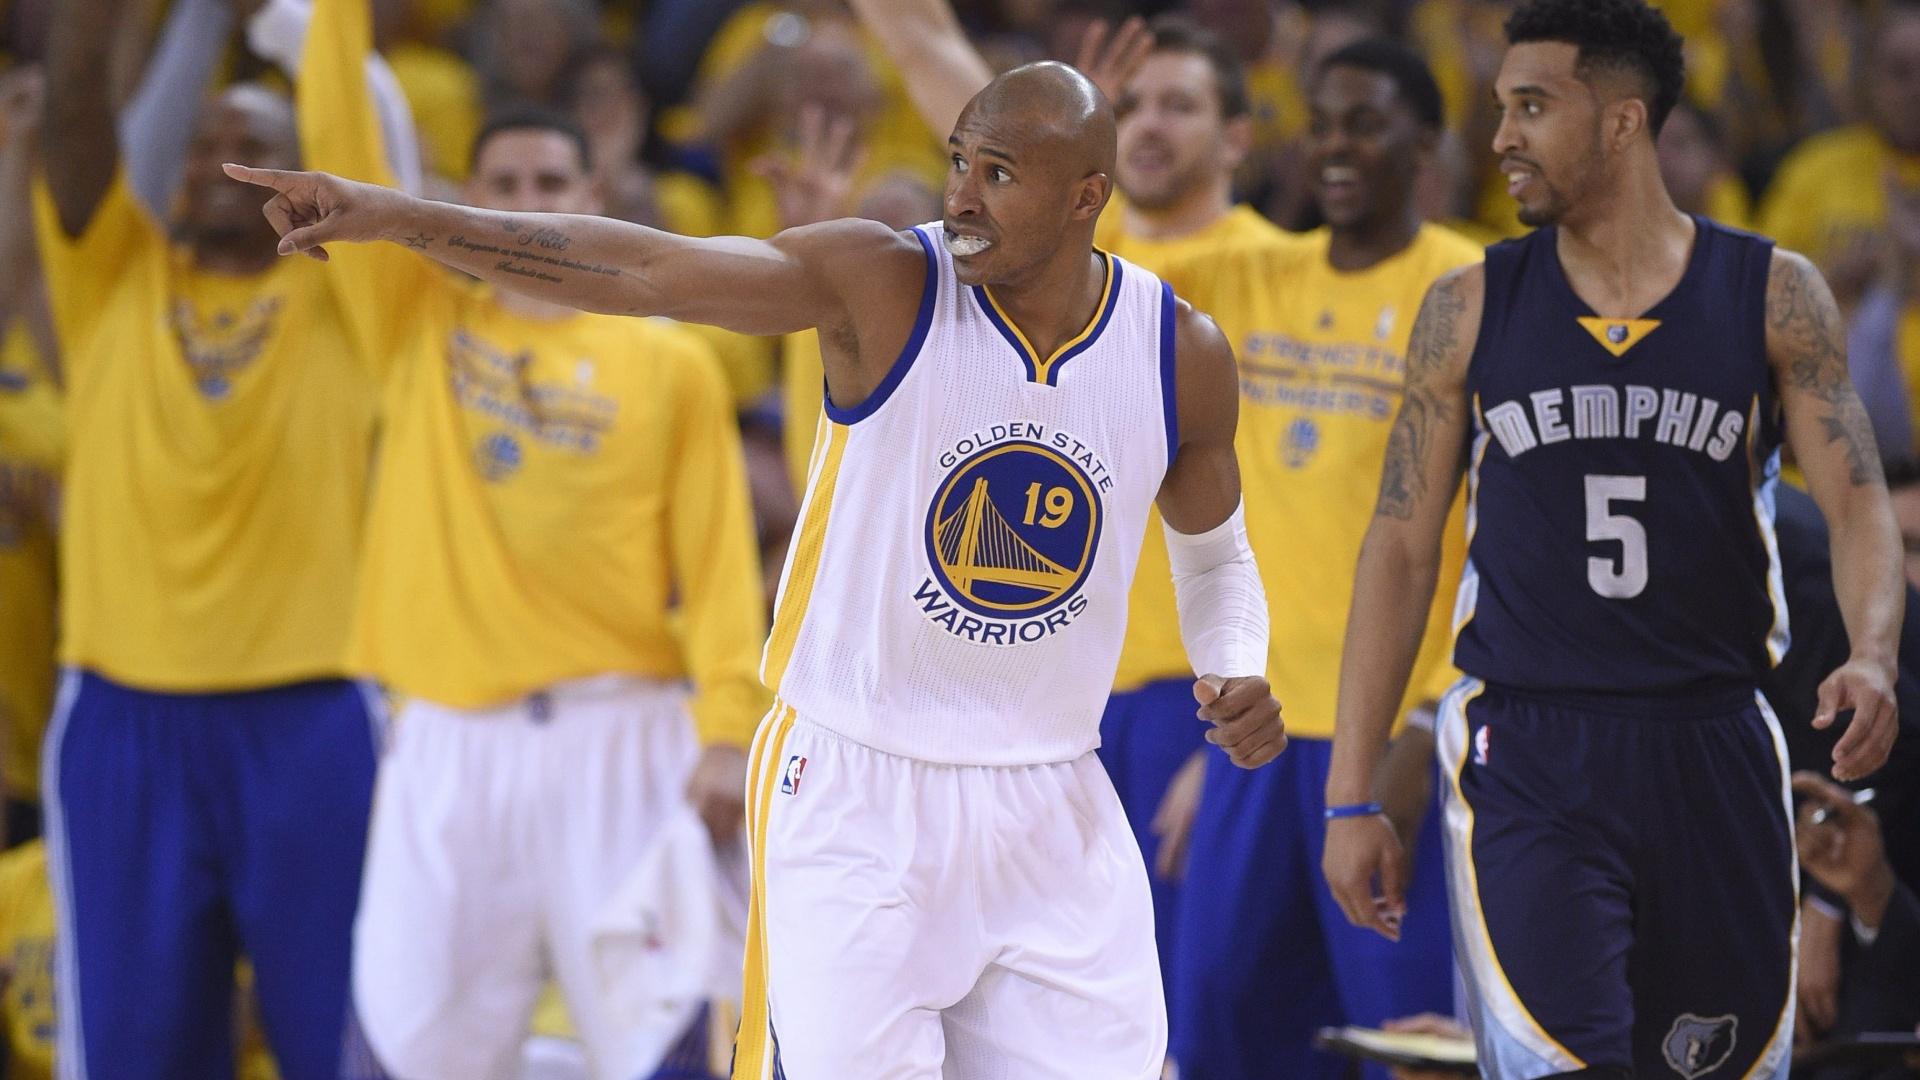 Leandrinho comemora ponto na vitória do Golden State Warriors sobre o Memphis Grizzlies no jogo 1